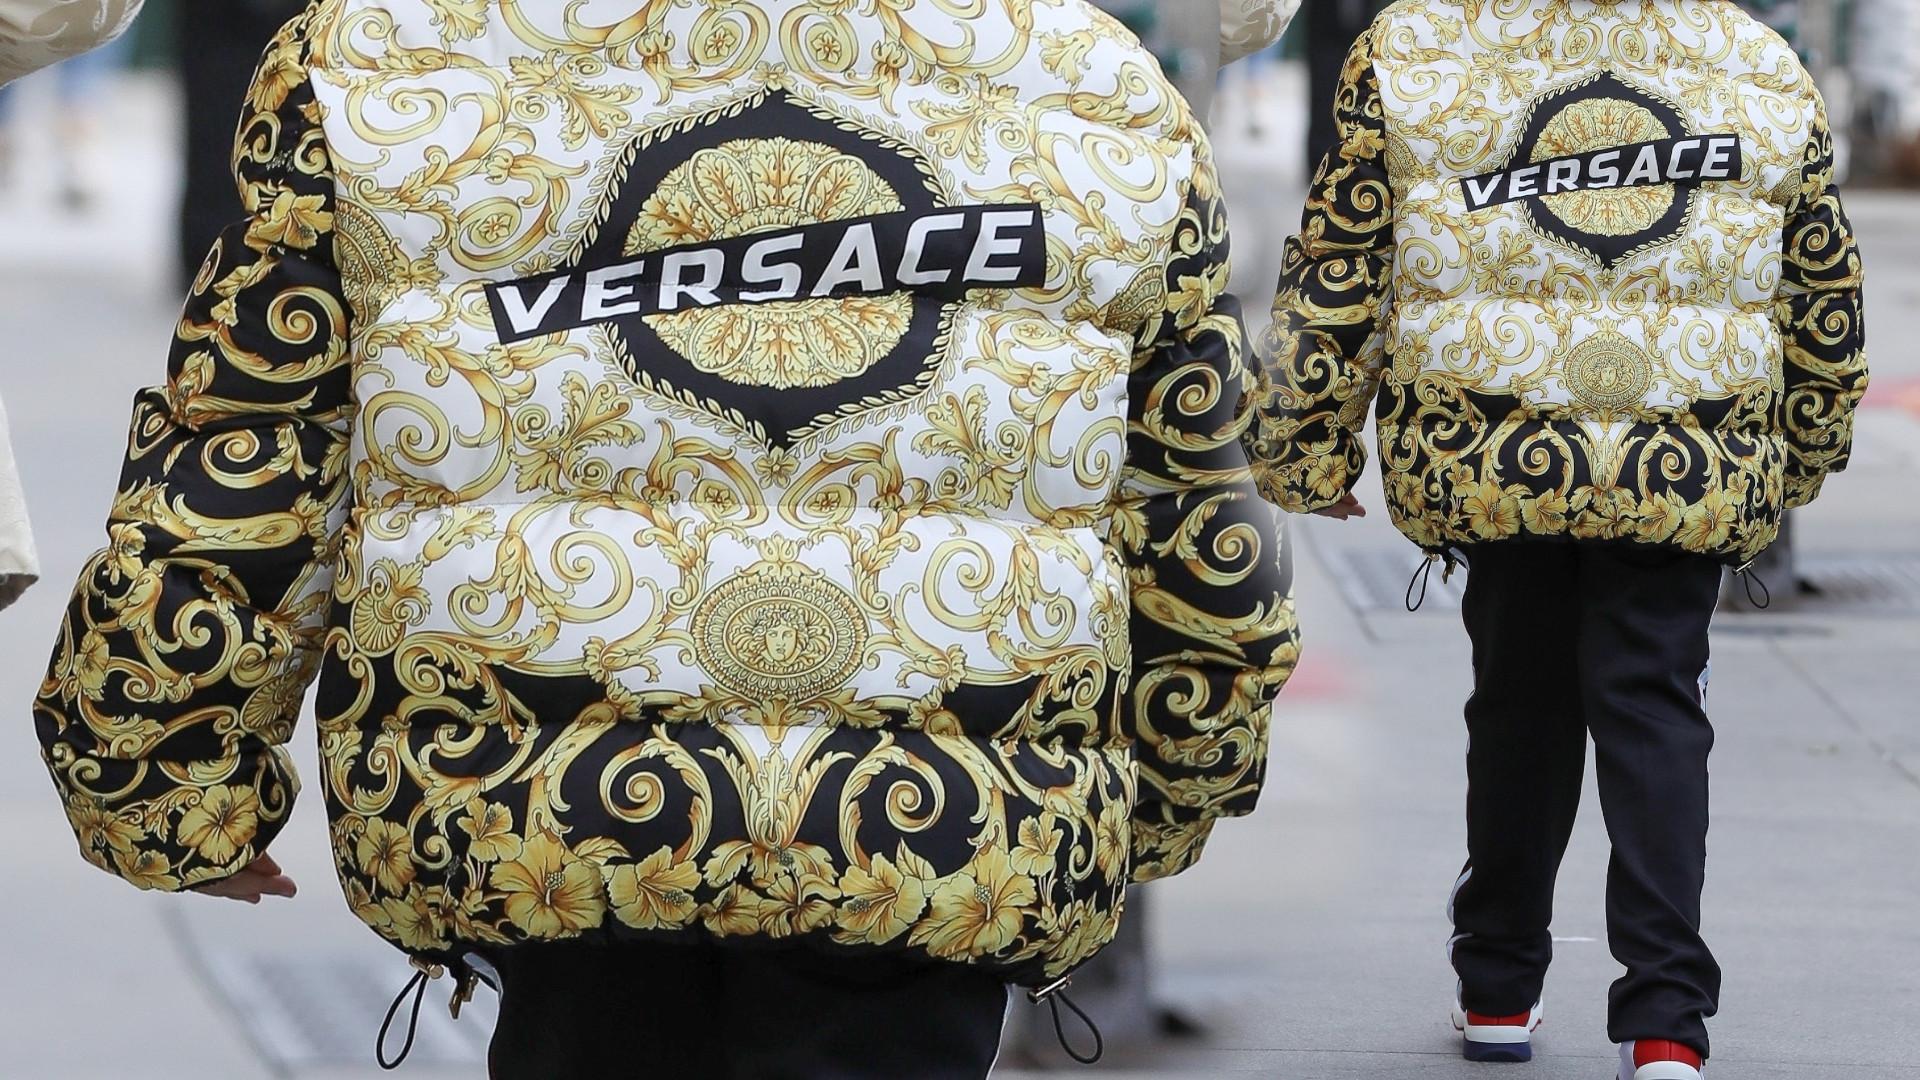 9-letni syn celebrytki w wypasionej kurtce Versace (ZDJĘCIA)